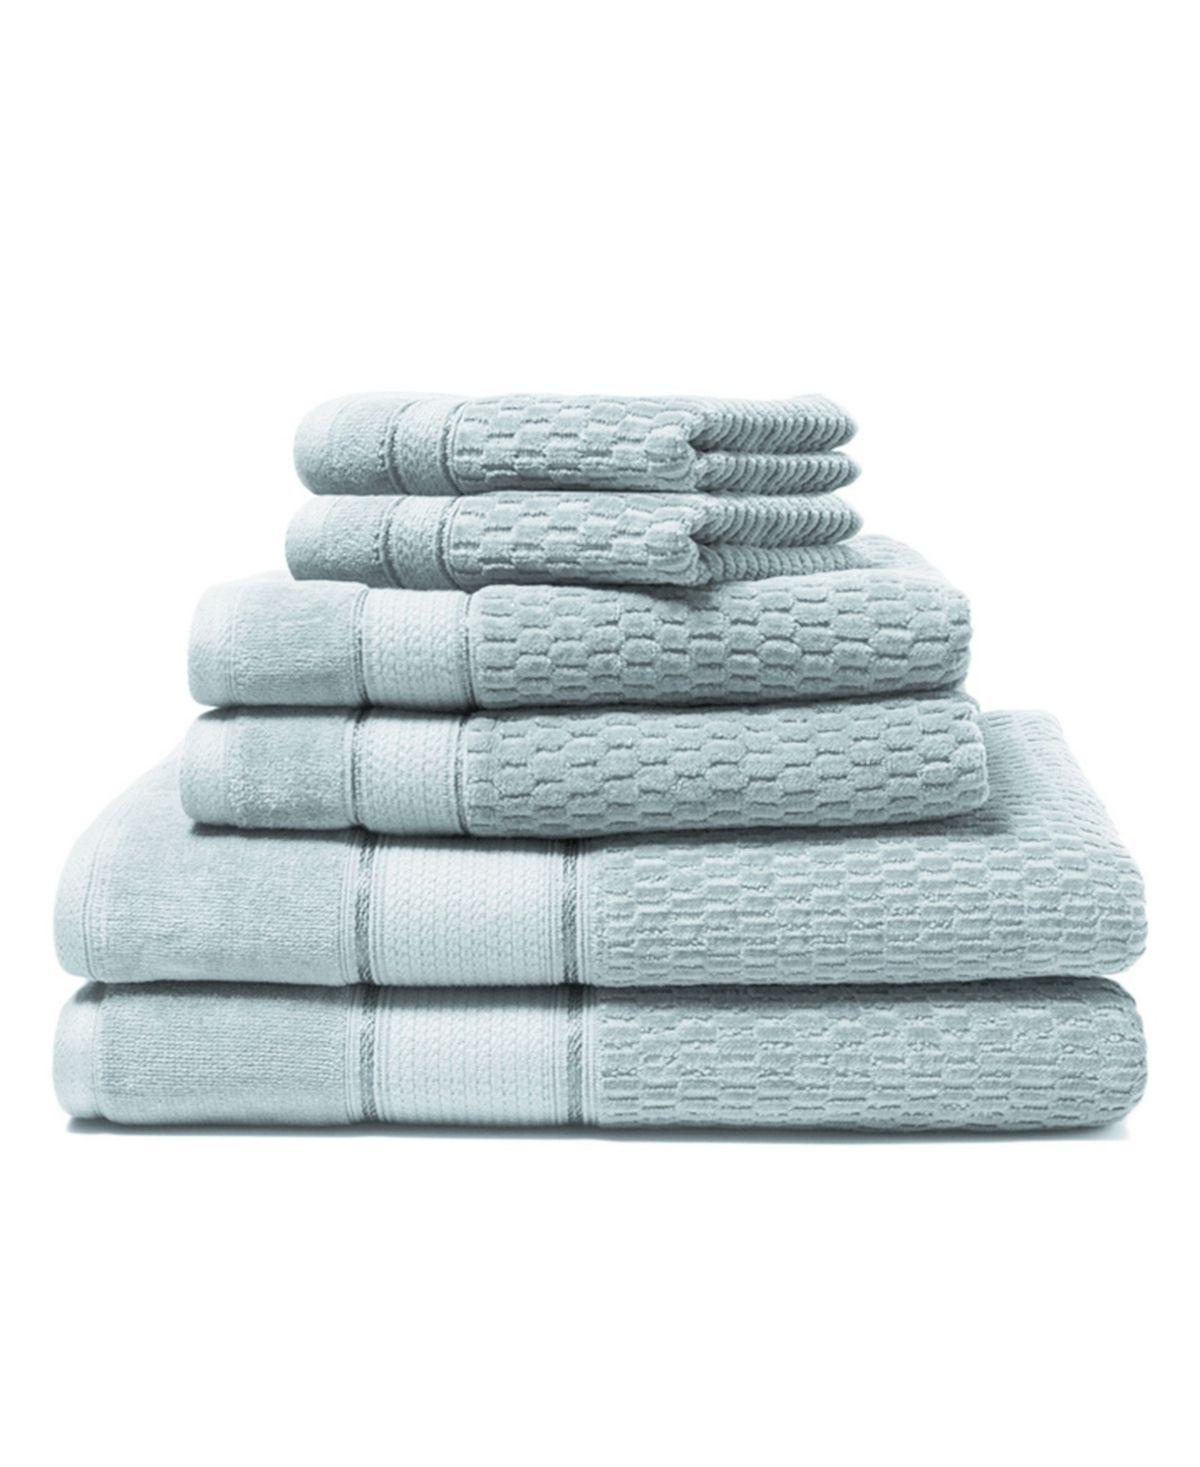 Cobra Royale 6 Piece 100 Turkish Cotton Bath Towel Set Reviews